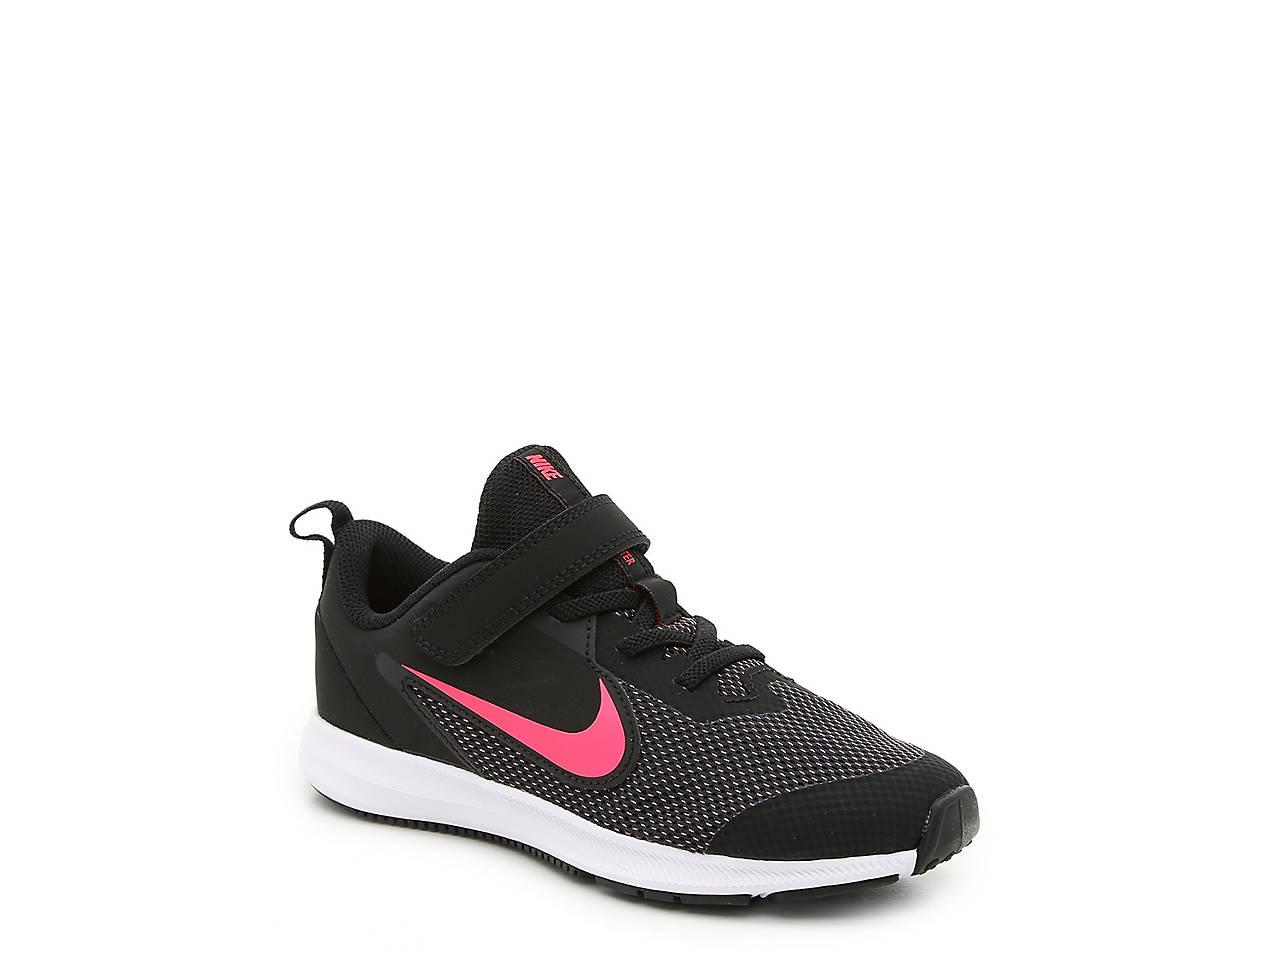 d84b4b69fe85 Nike Downshifter 9 Toddler   Youth Running Shoe Kids Shoes